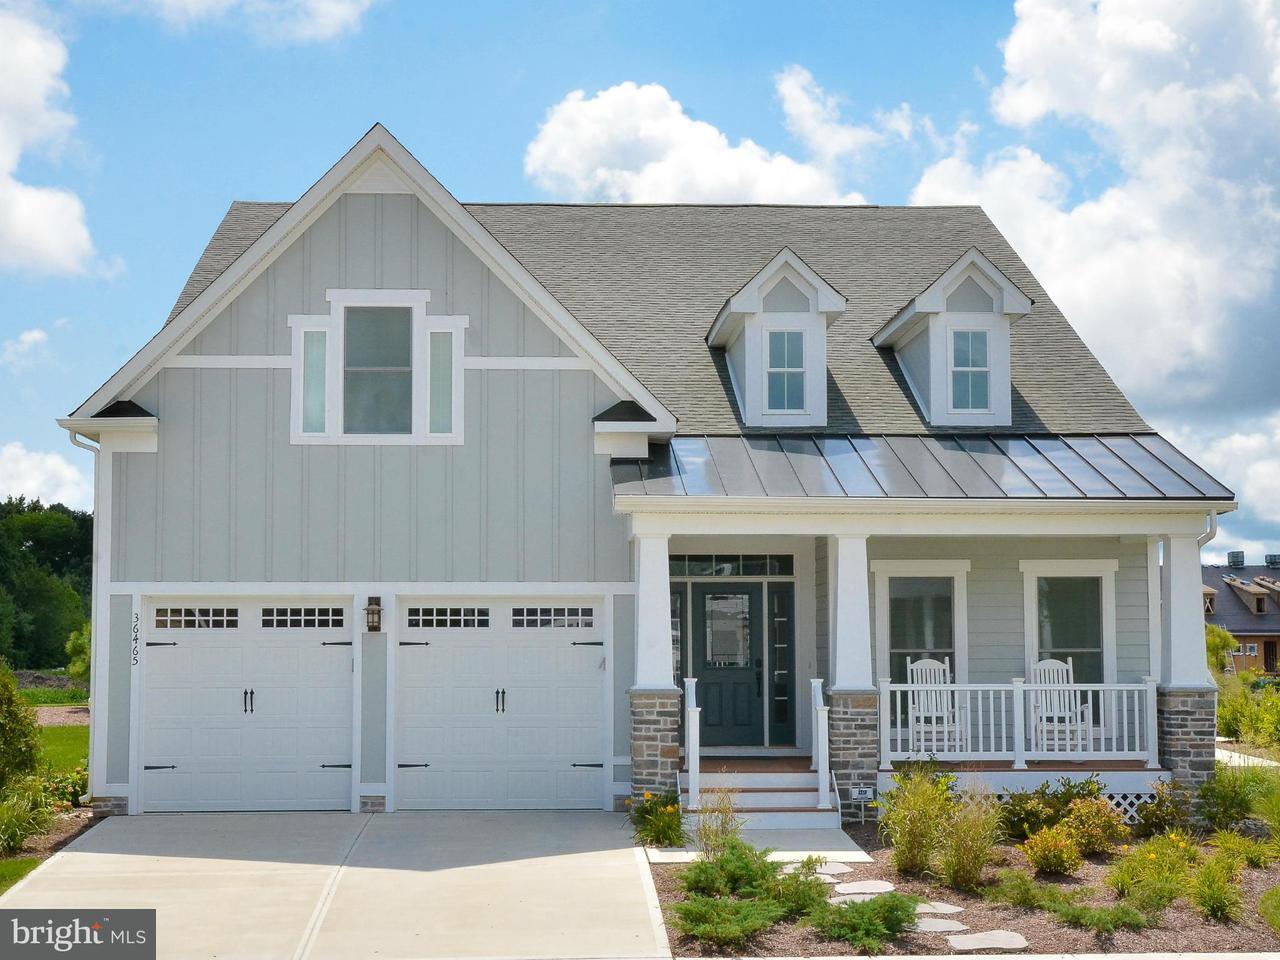 一戸建て のために 売買 アット 1420 CATBRIAR WAY 1420 CATBRIAR WAY Odenton, メリーランド 21113 アメリカ合衆国